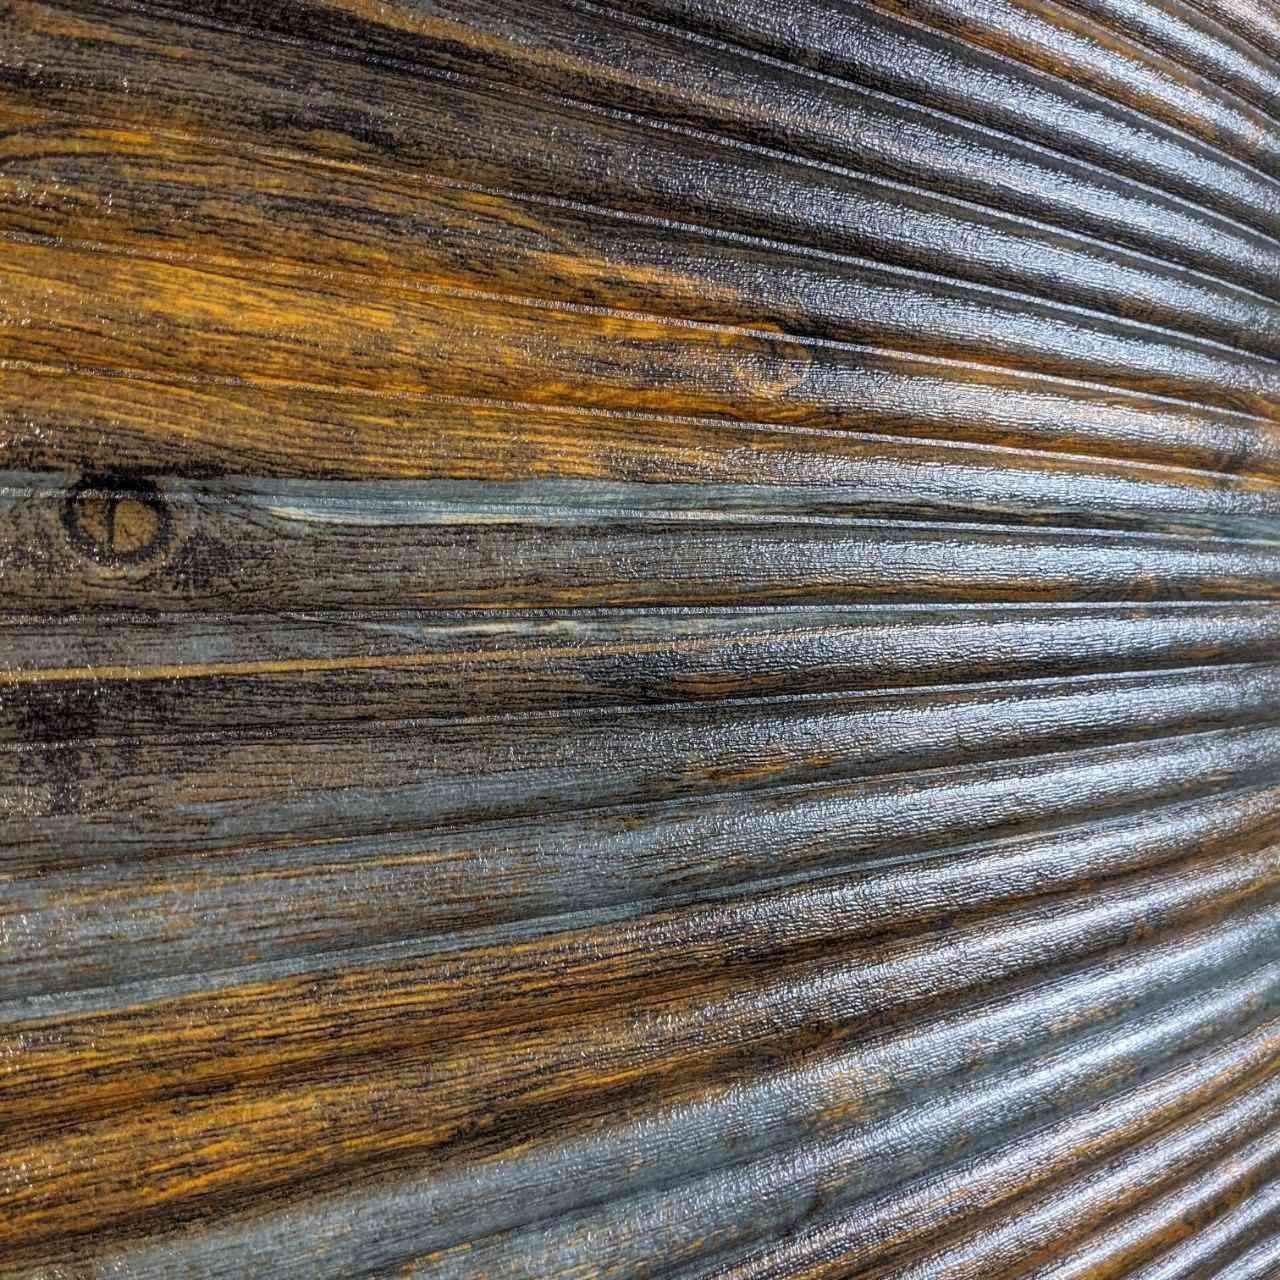 Самоклеящаяся декоративная 3D панель бамбук корчиневый с серым 700x700x9 мм (самоклейка, Мягкие 3D Панели)